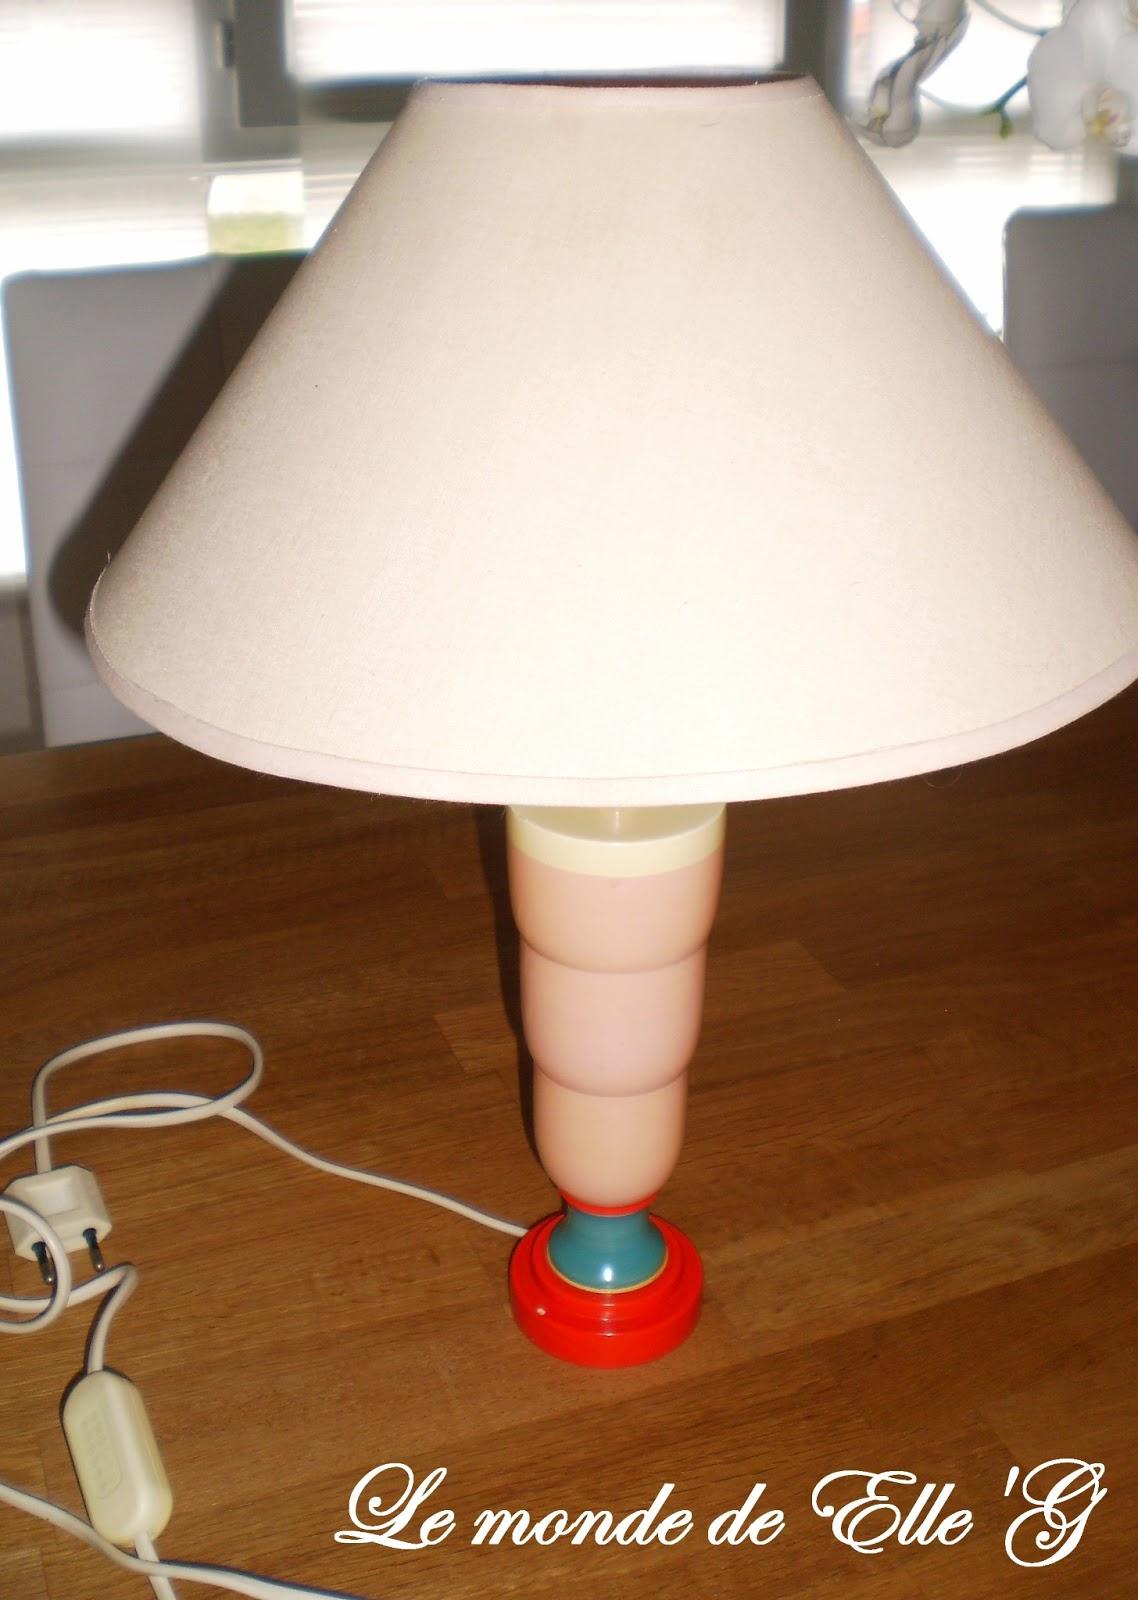 Lampe de chevet romantique le monde de elle 39 g for Petite lampe de chevet romantique